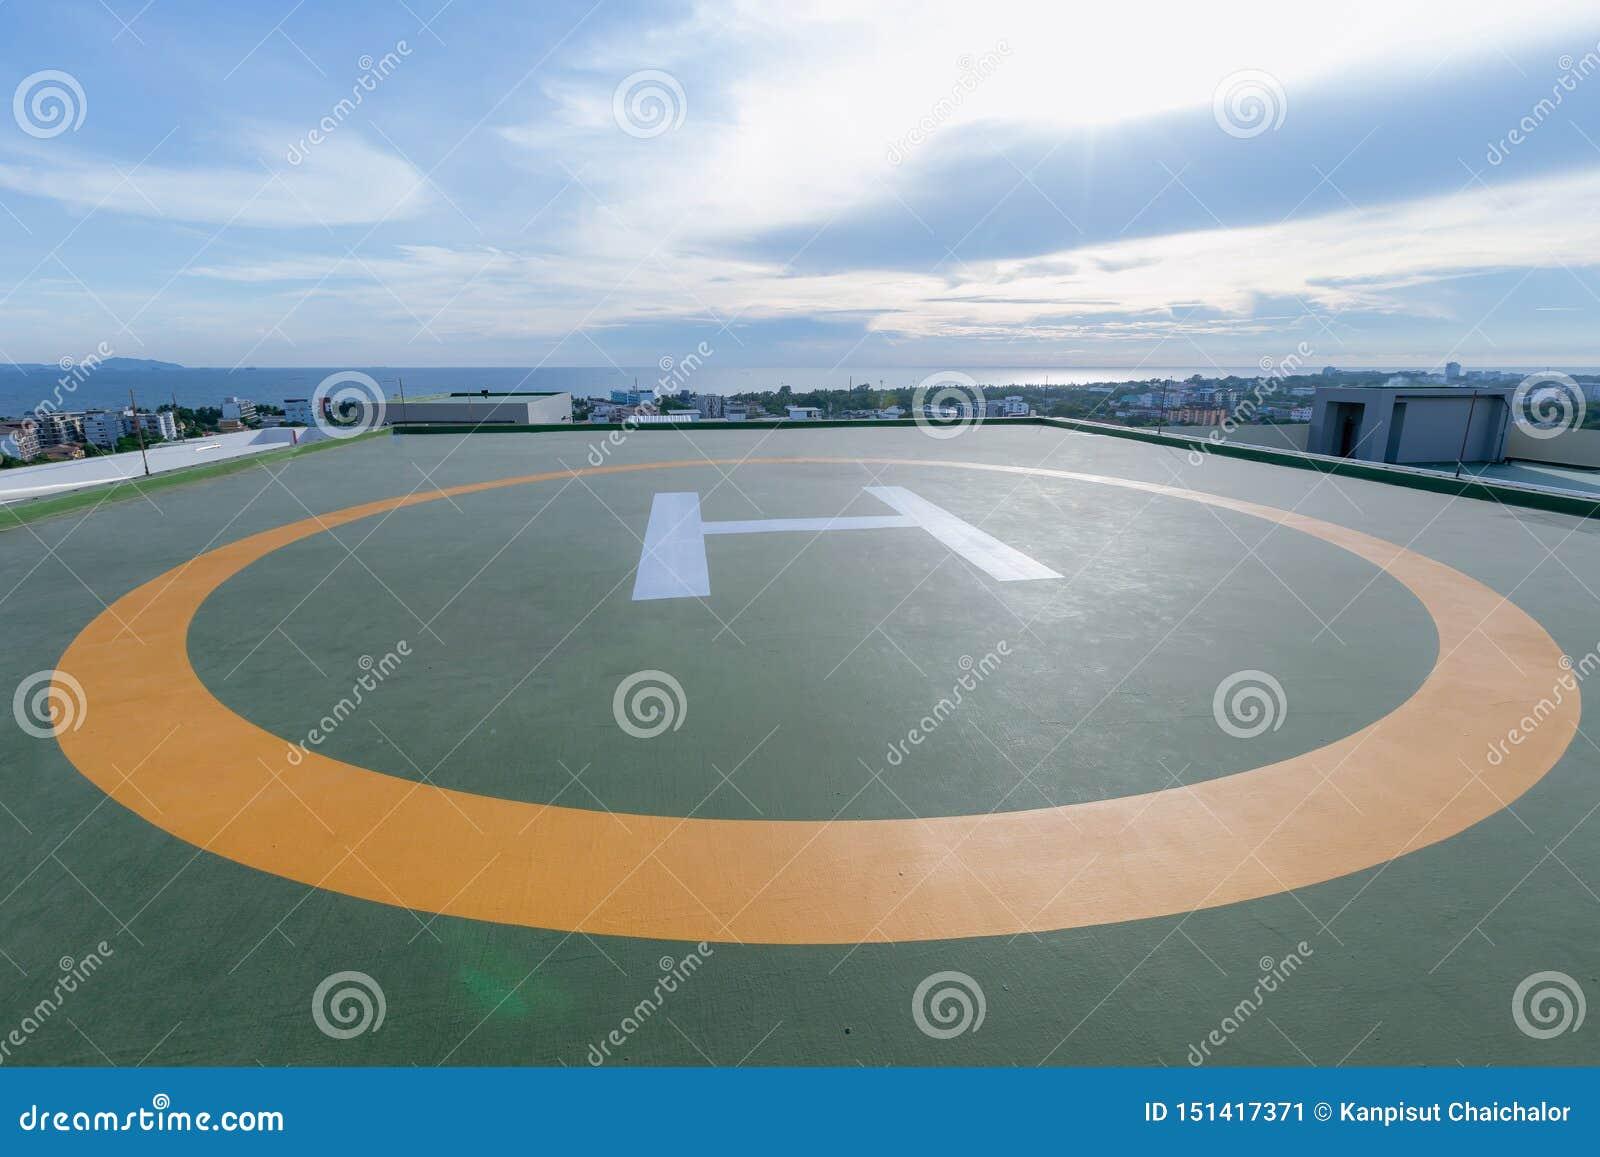 Symbolen voor helikopterparkeren op het dak van een bureaugebouw